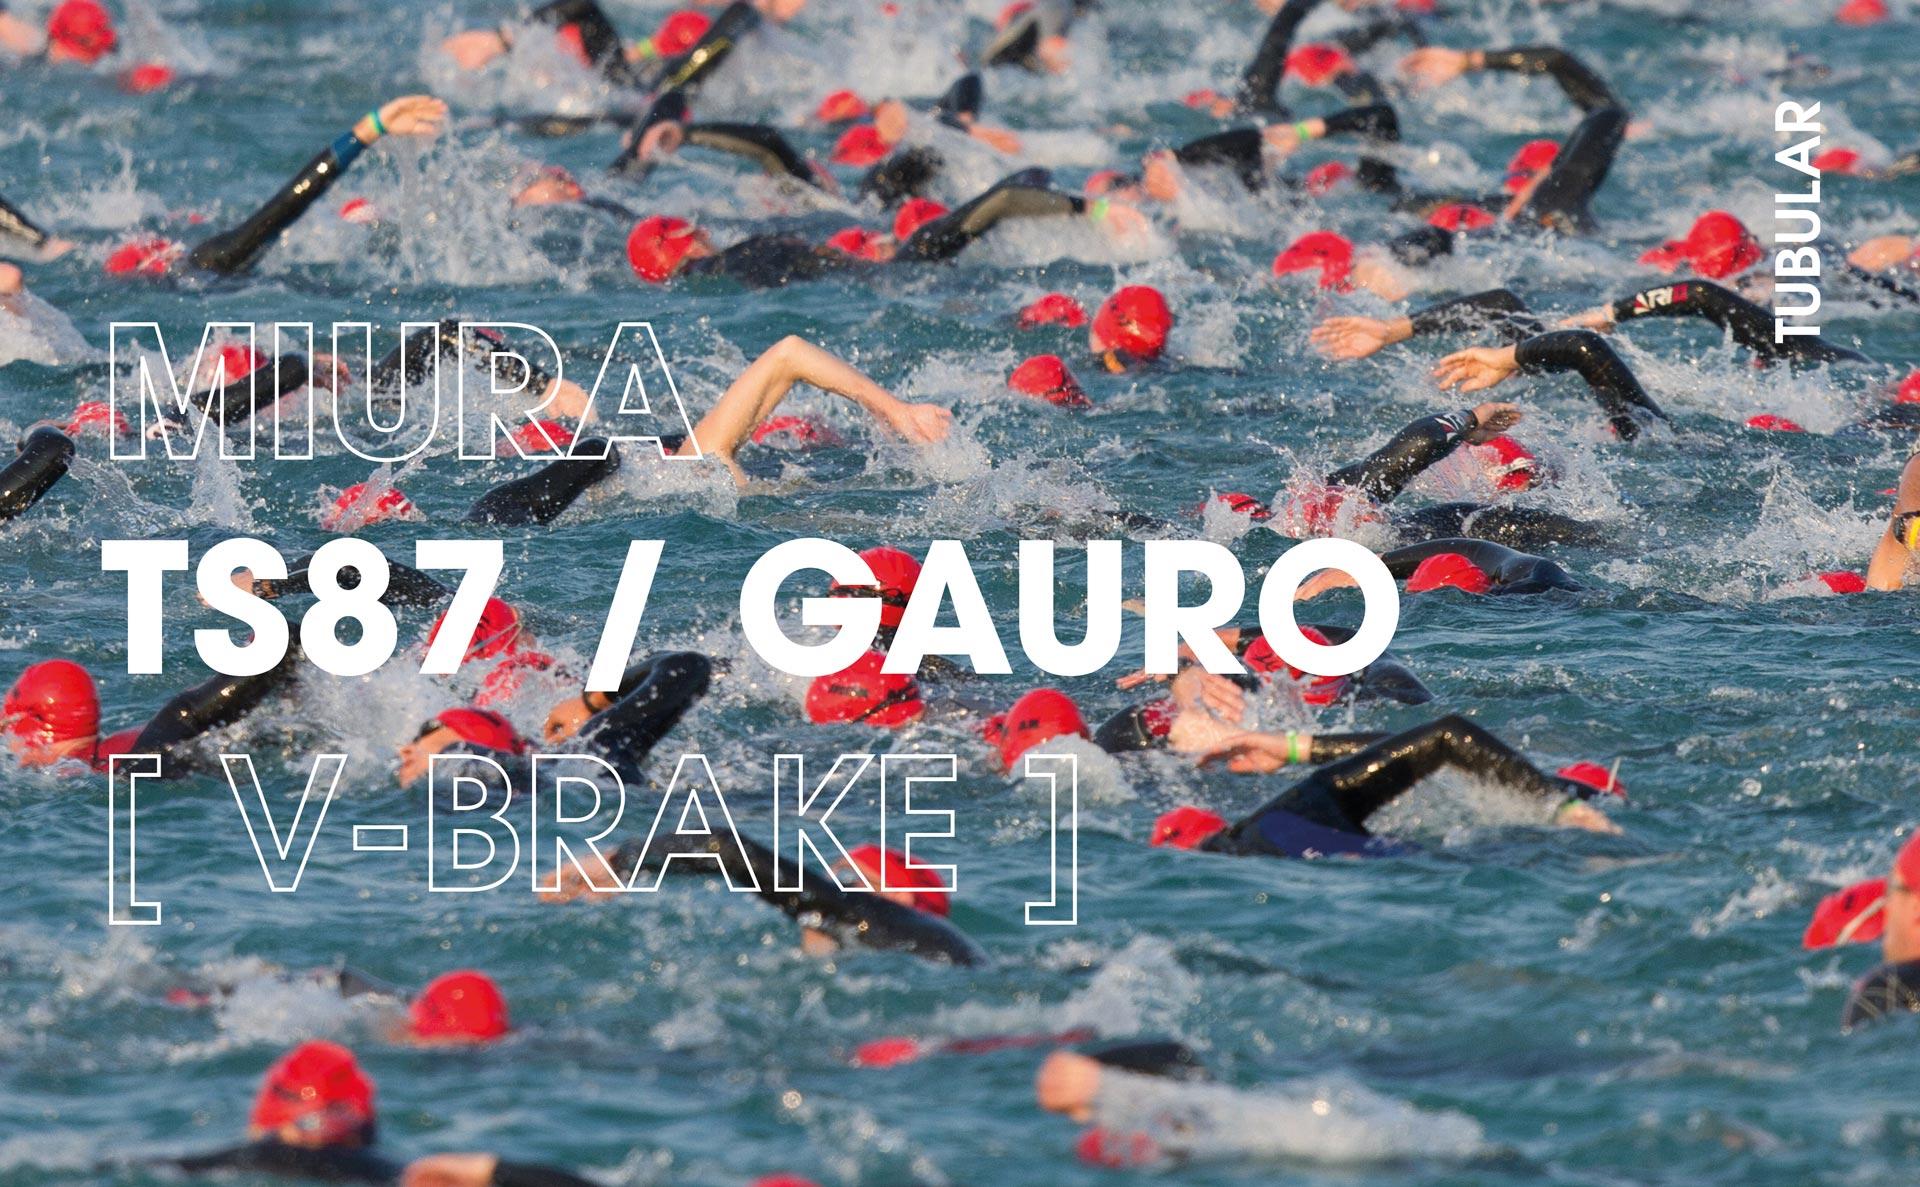 Triathlon_TS87GAURO_cover